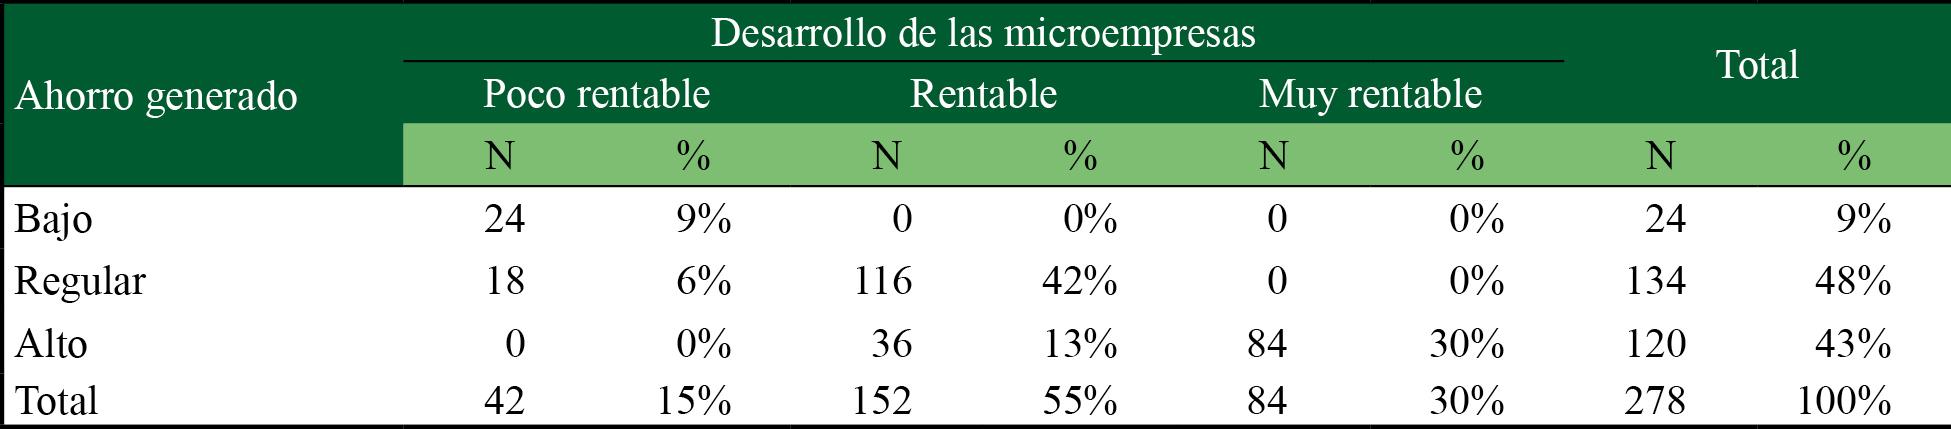 Ahorro generado y desarrollo de las microempresas